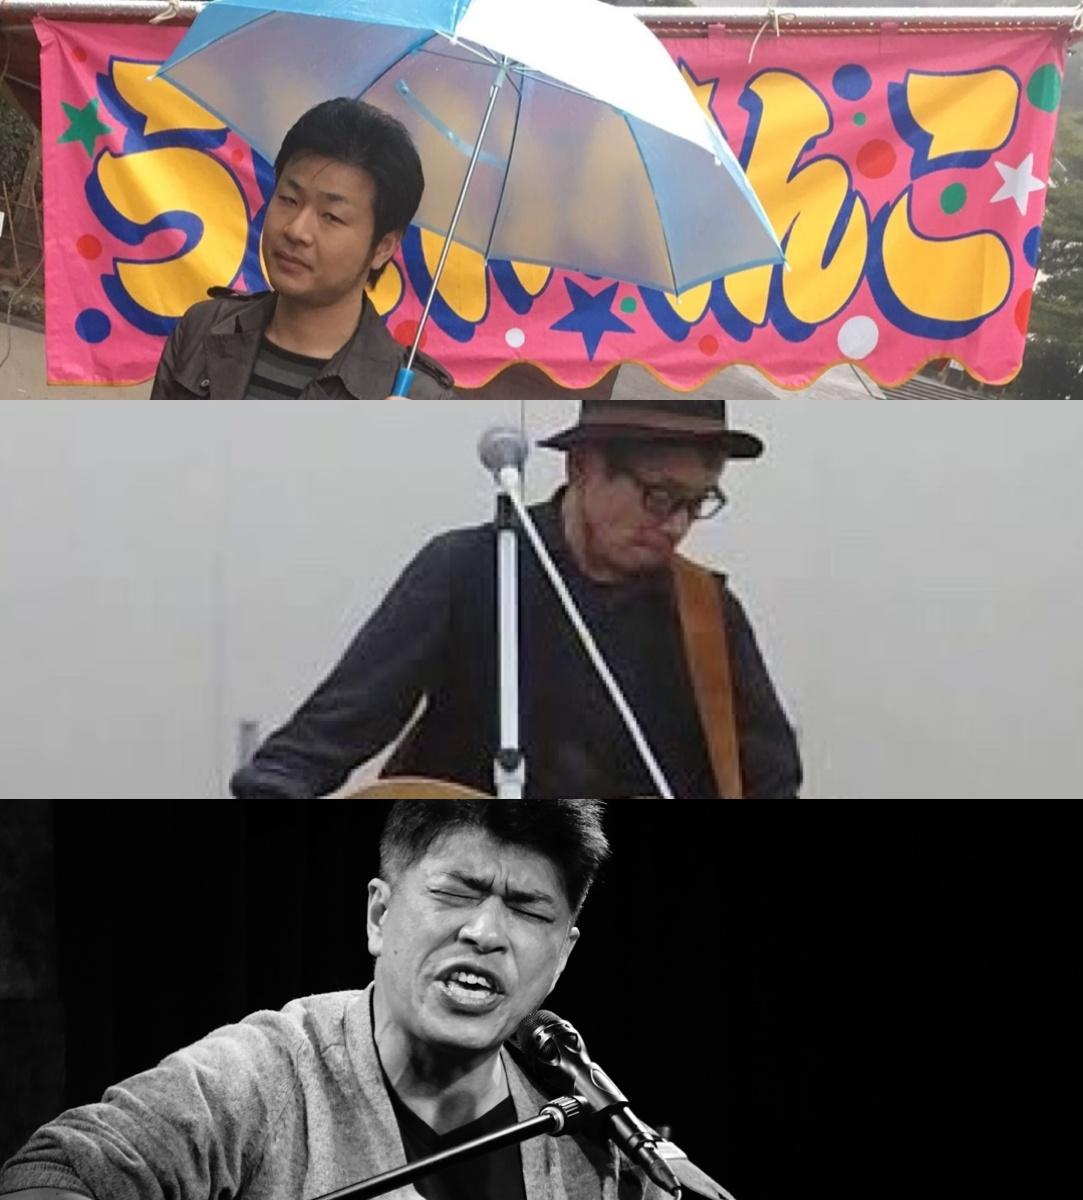 [無観客配信]『POETS ON THE ROAD』出演:コビー夏山 / 川柳 / 良雨